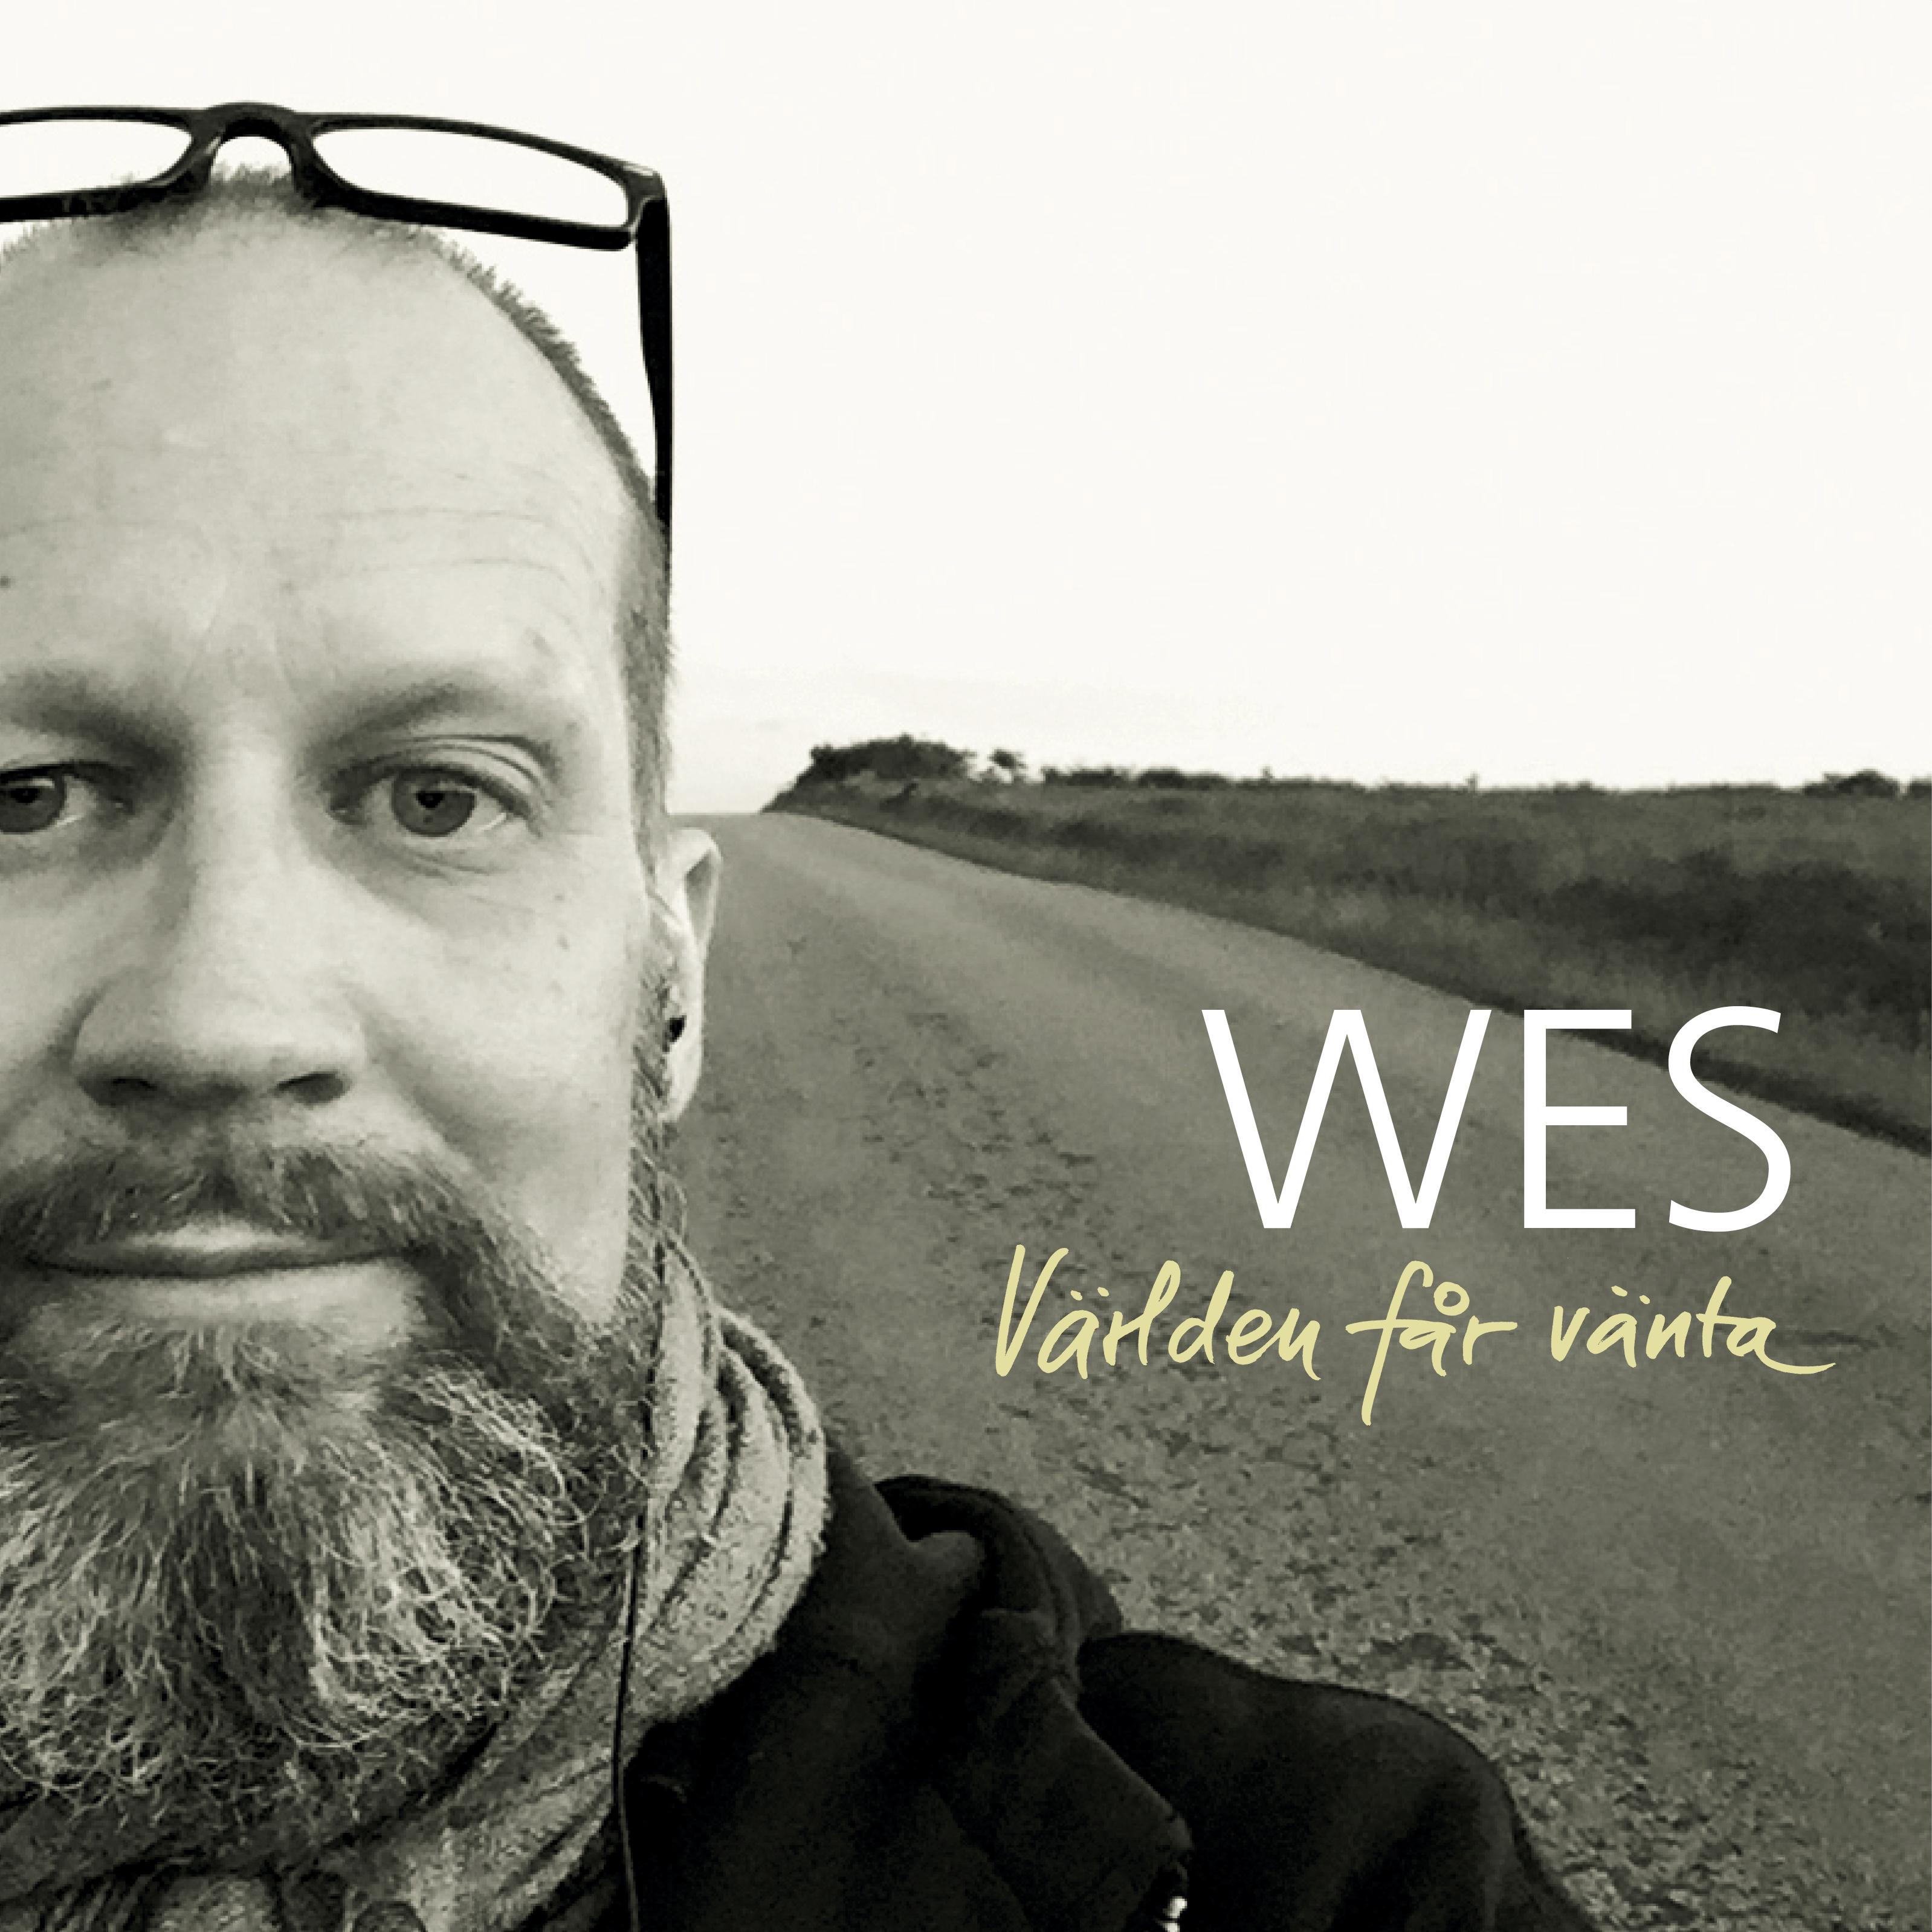 wes_framsida3